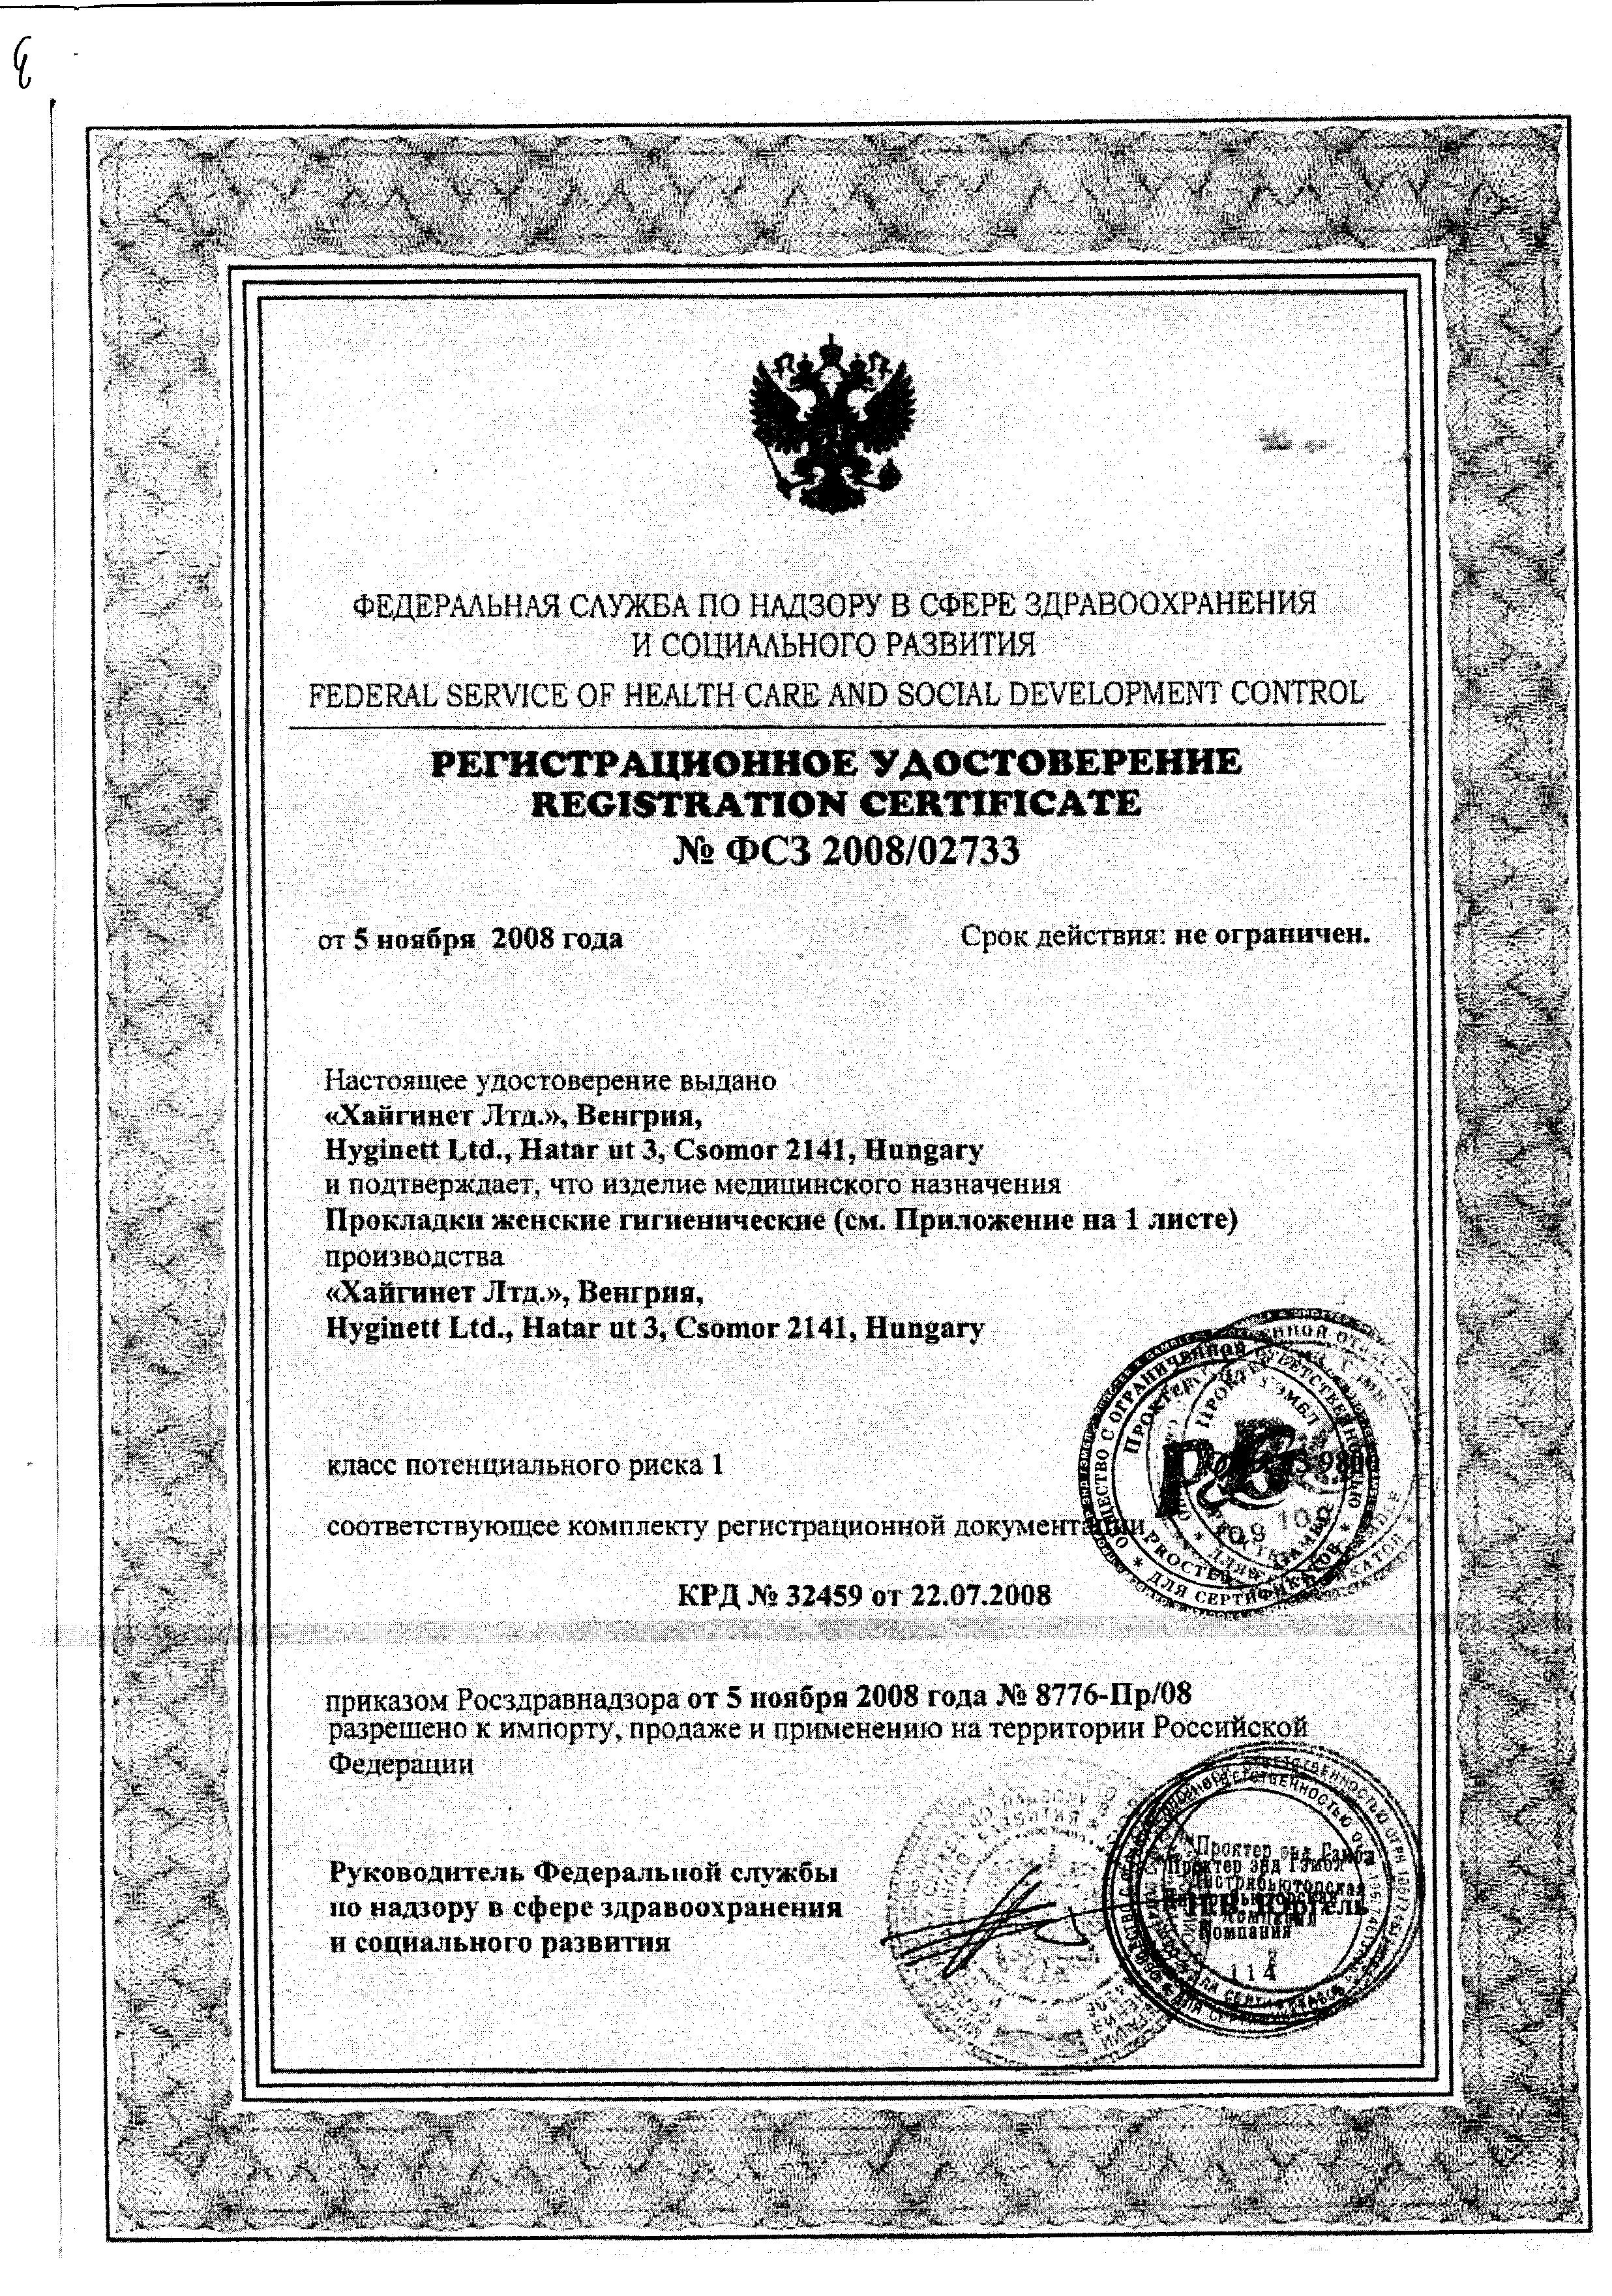 Always ultra normal прокладки женские гигиенические сертификат